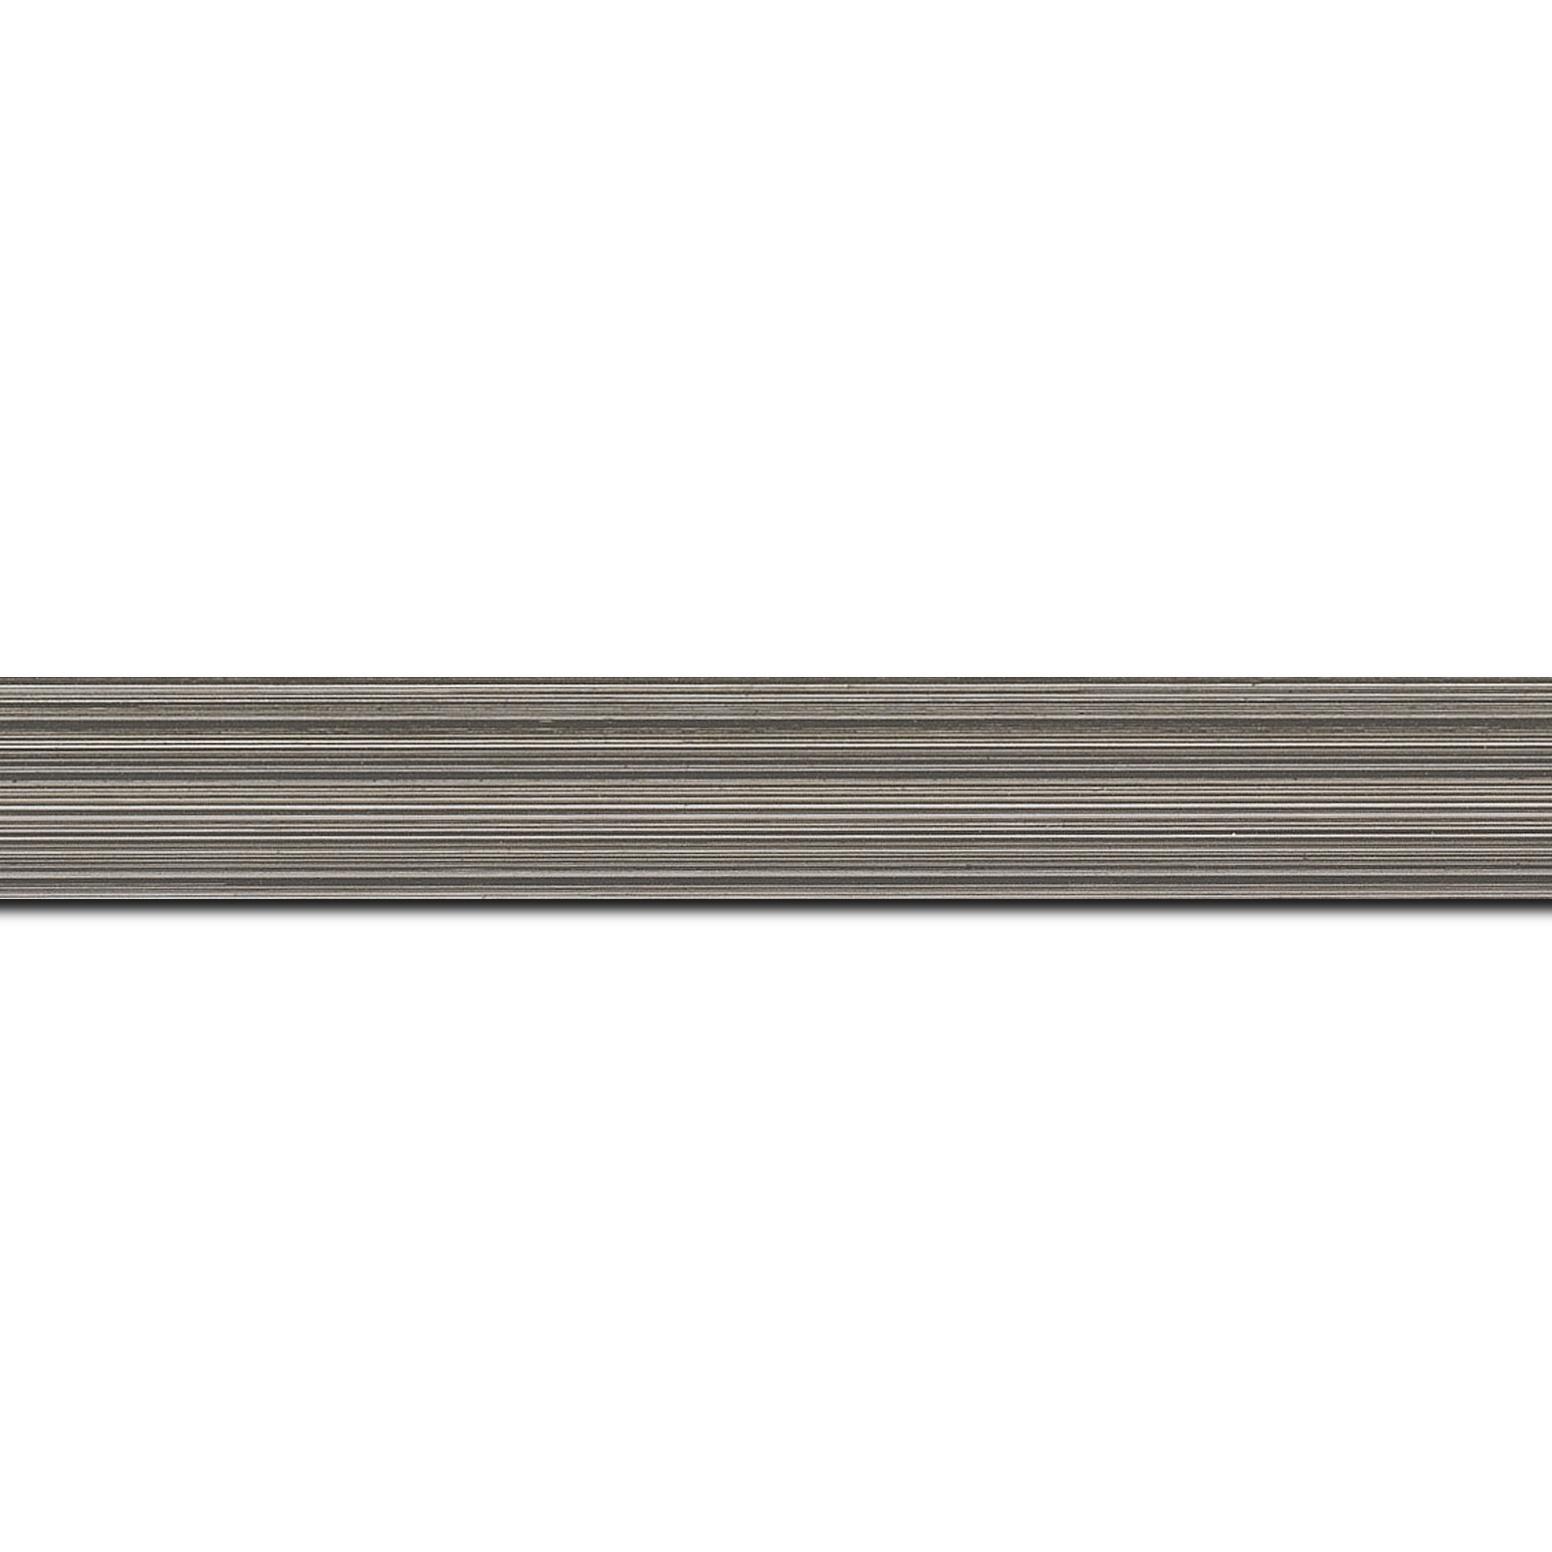 Baguette longueur 1.40m bois profil concave largeur 2.4cm couleur gris effet matière fond blanc